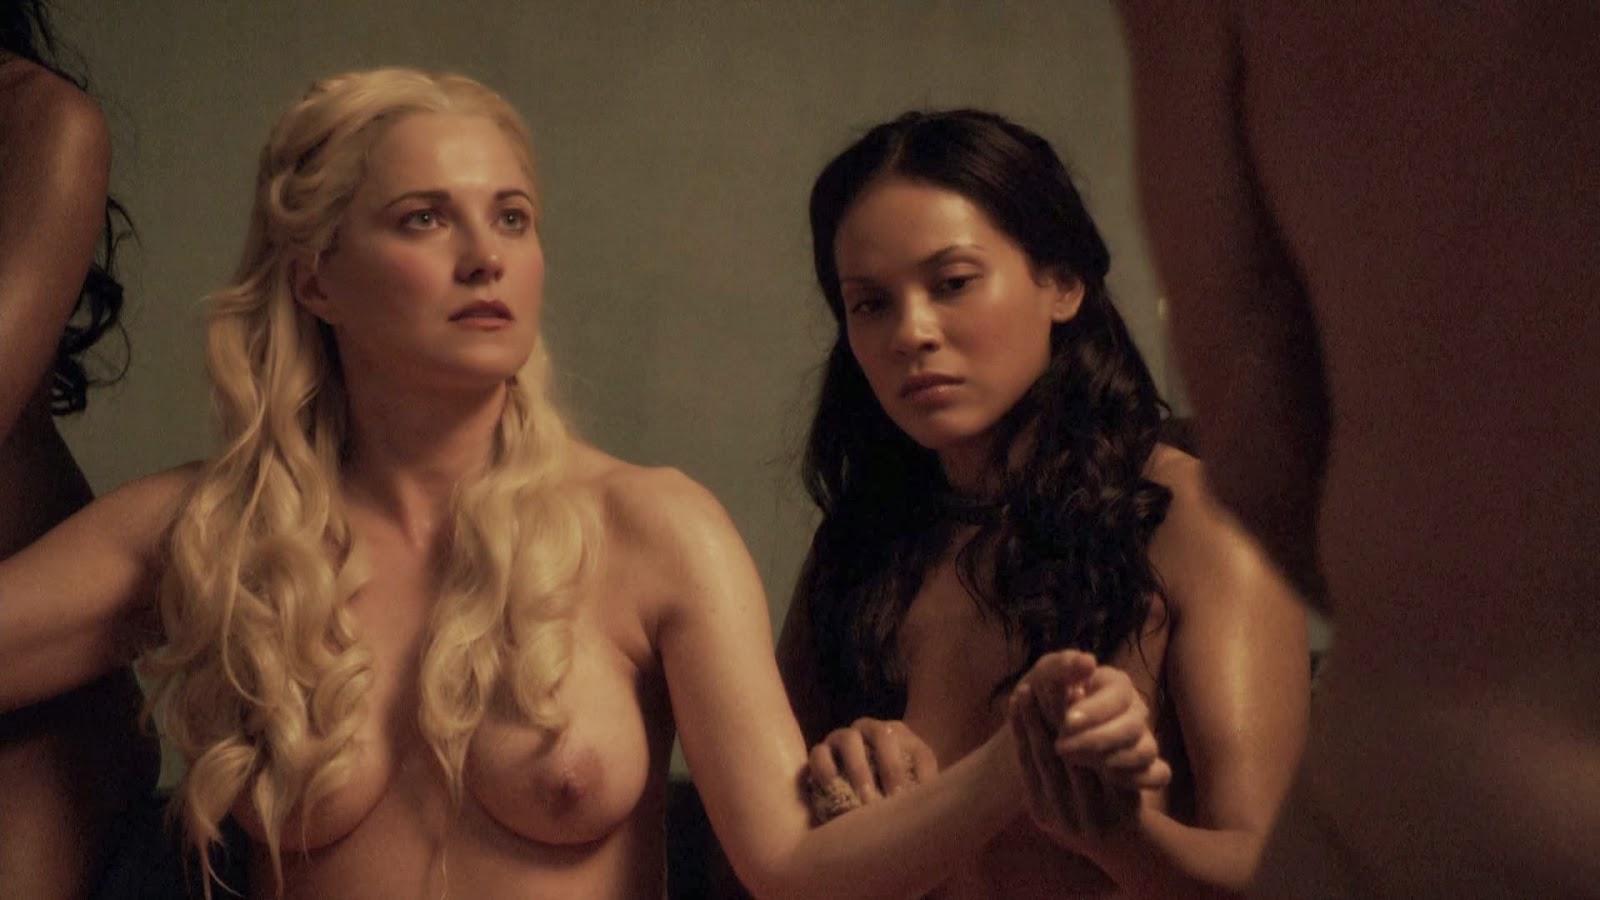 British erotic tv shows - Sex archive